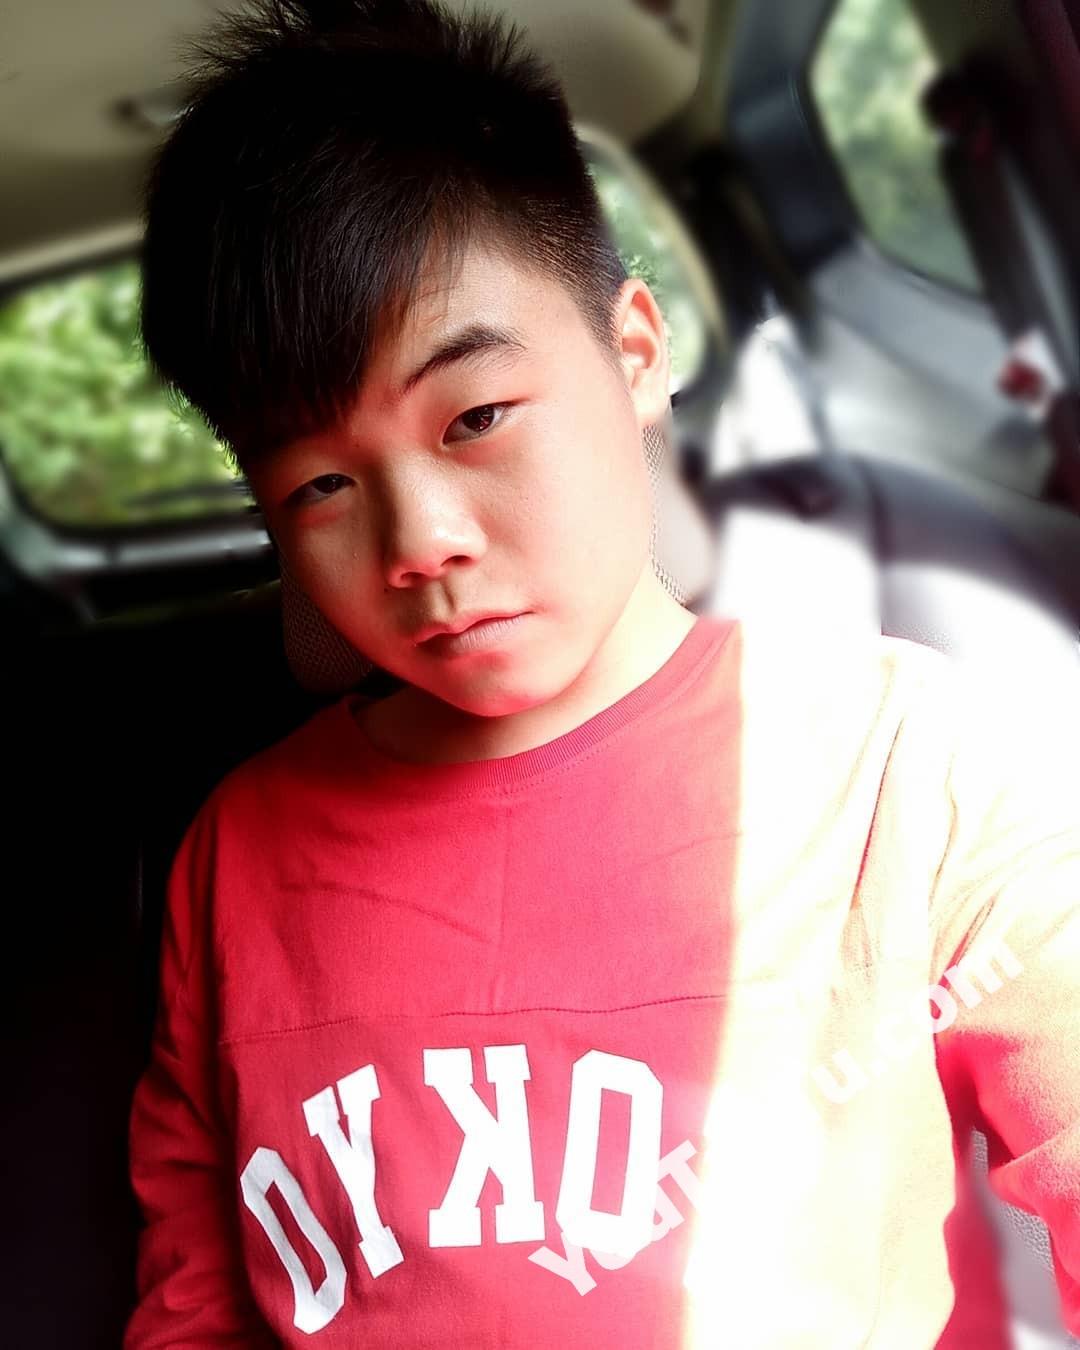 M08男图116照片(小年轻小男生小男孩同一个人真实素材)-8